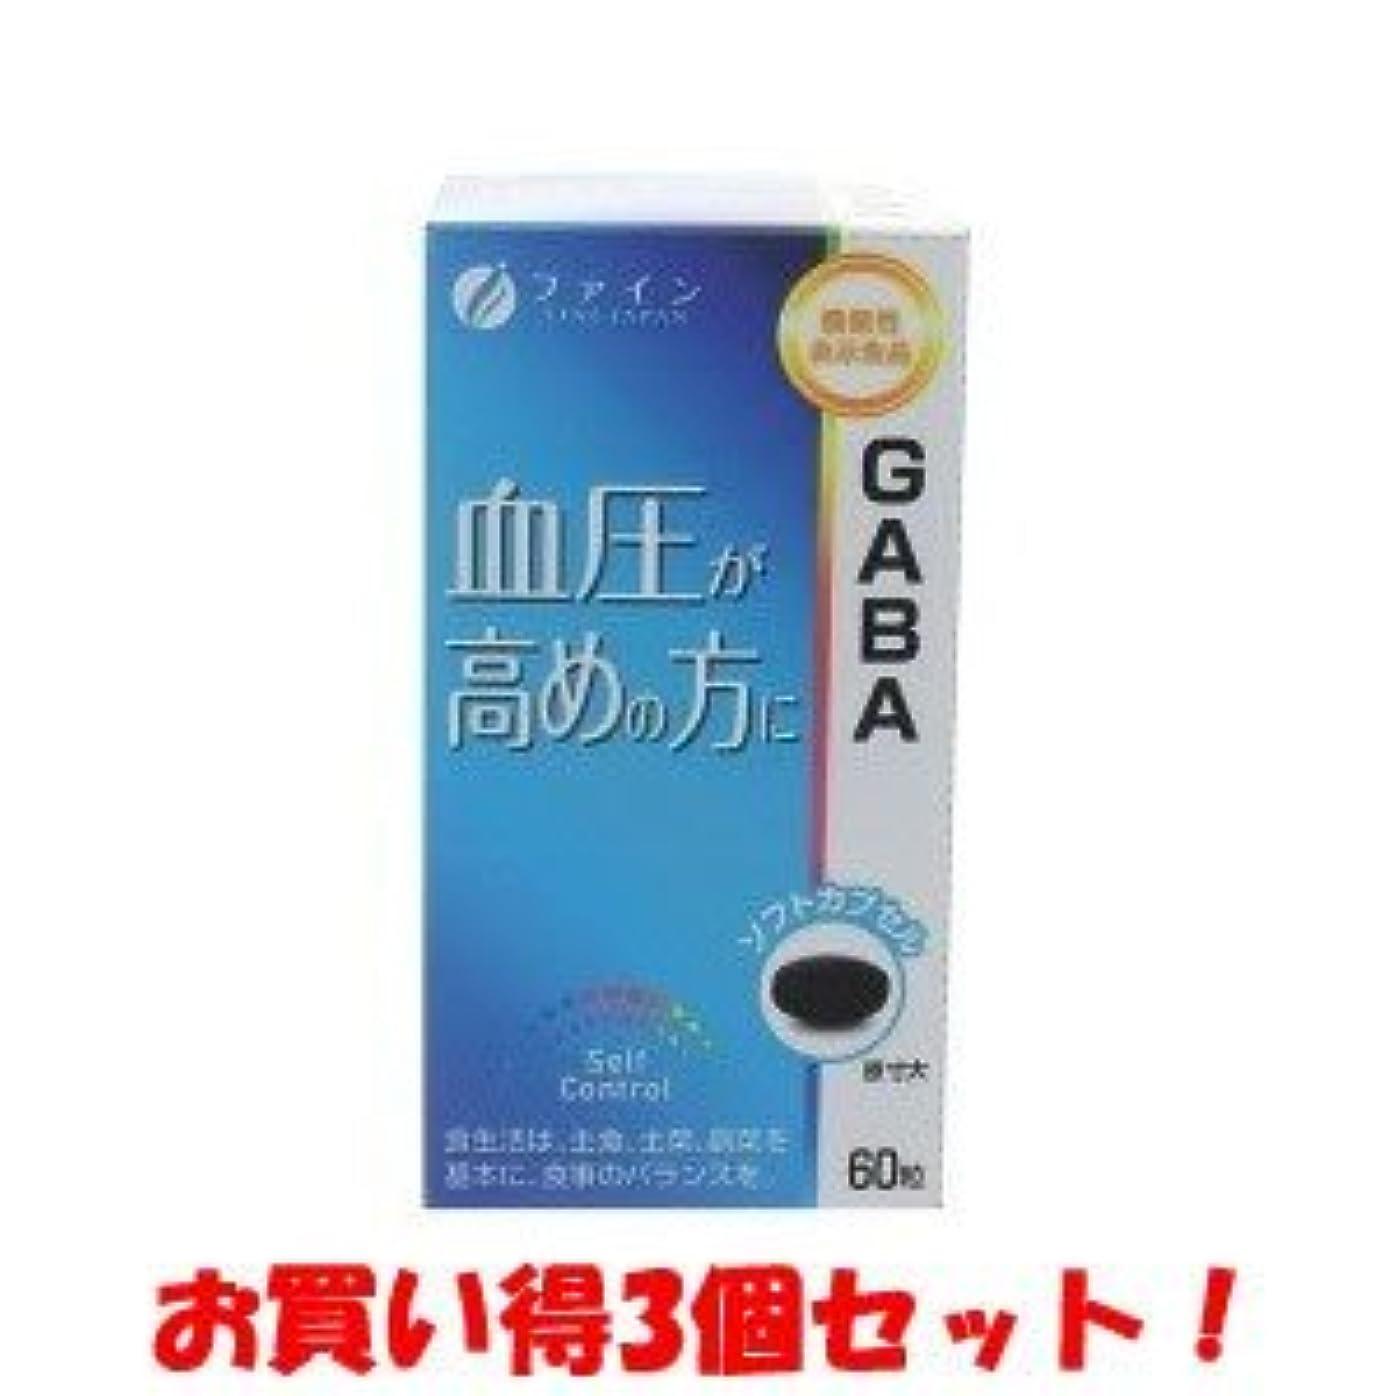 供給無限乱れ(FINE JAPAN)ファイン GABA 60粒(機能性表示食品)/新商品/(お買い得3個セット)